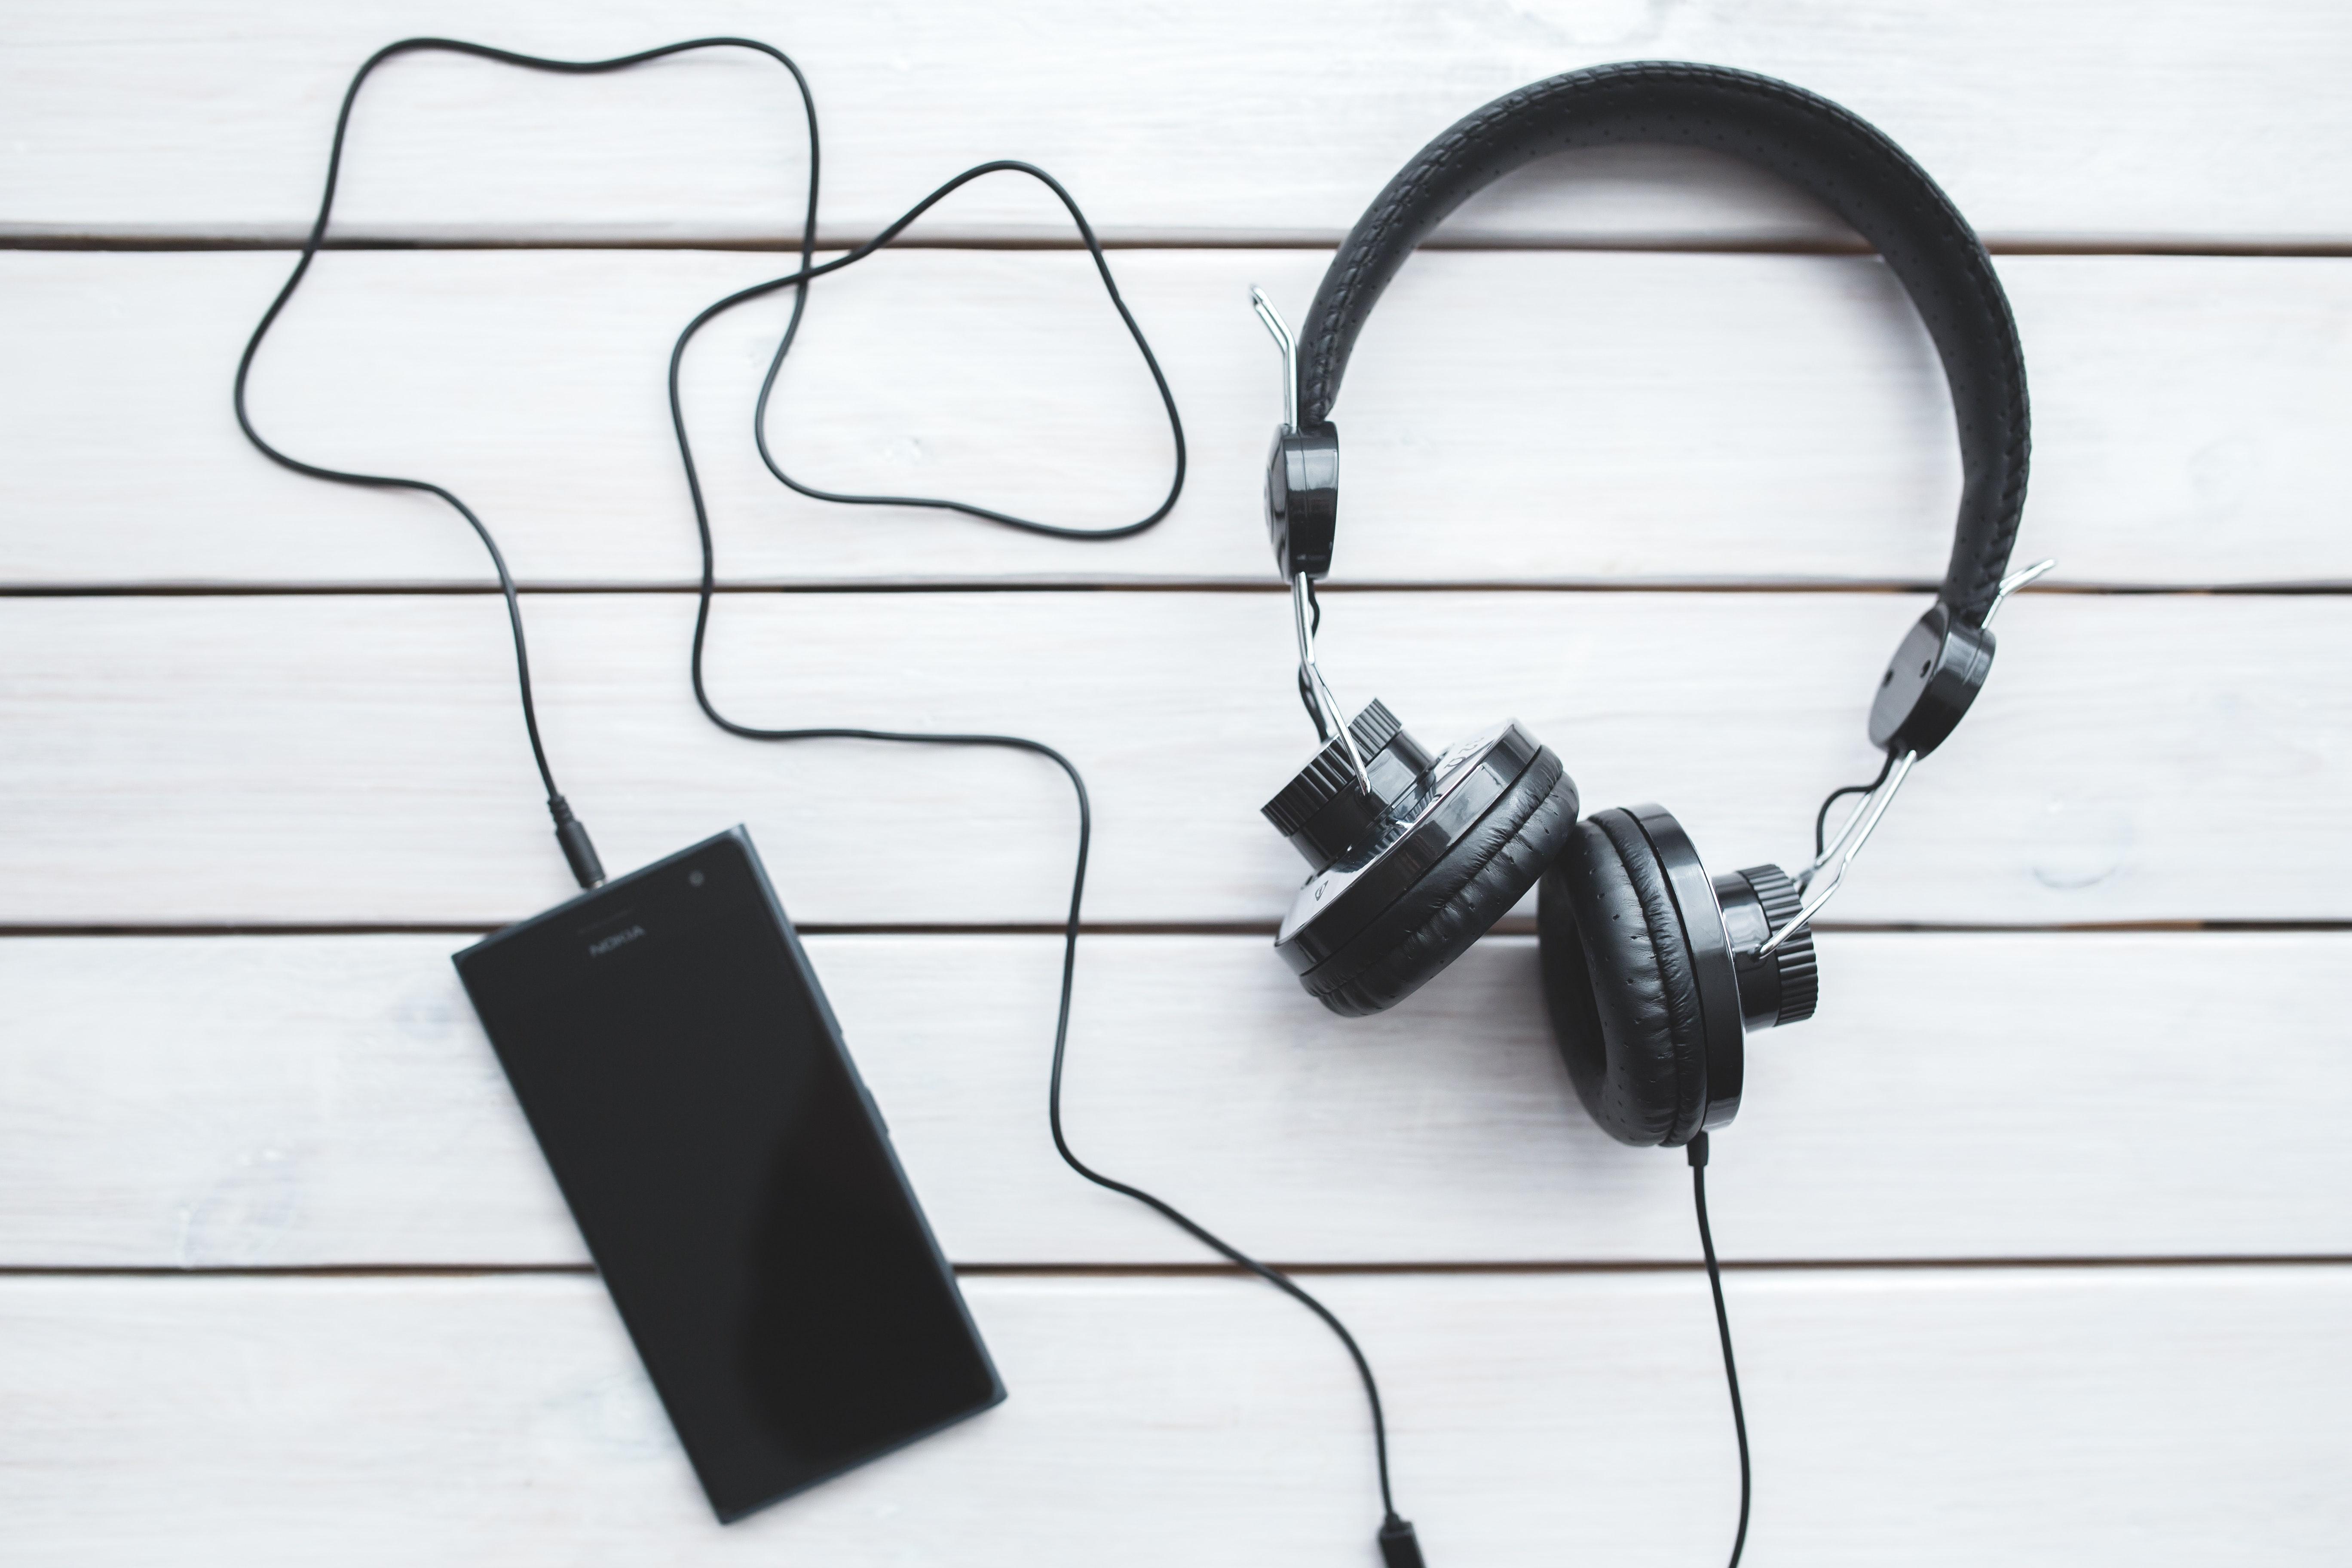 Believe, la start-up française qui révolutionne le streaming audio